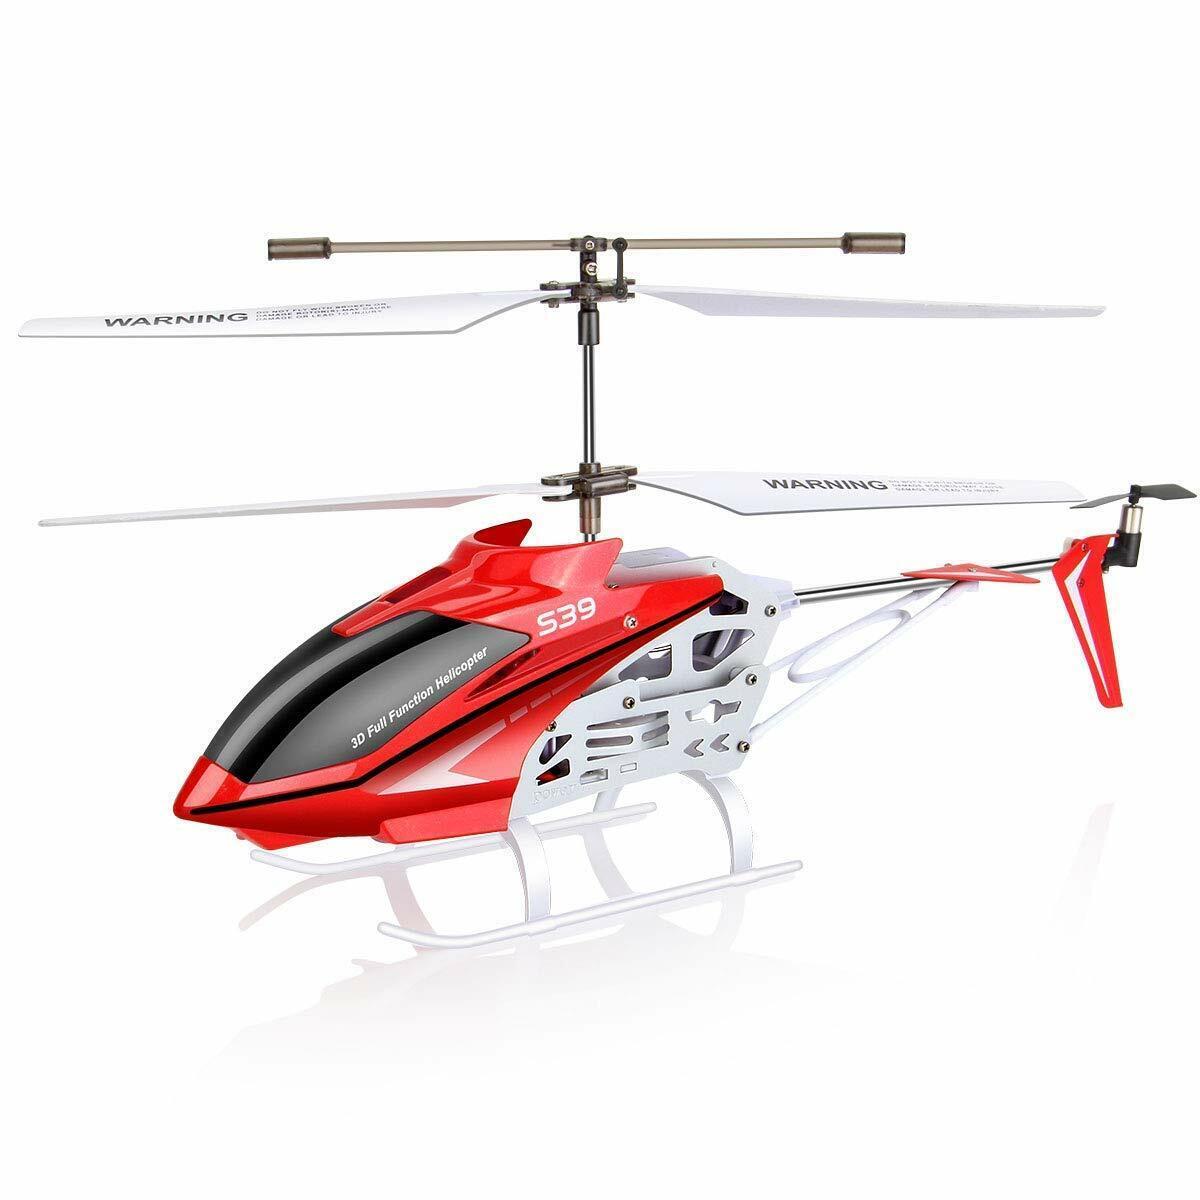 Syma S39 RC Telecomando Elicotteri Droni Drone